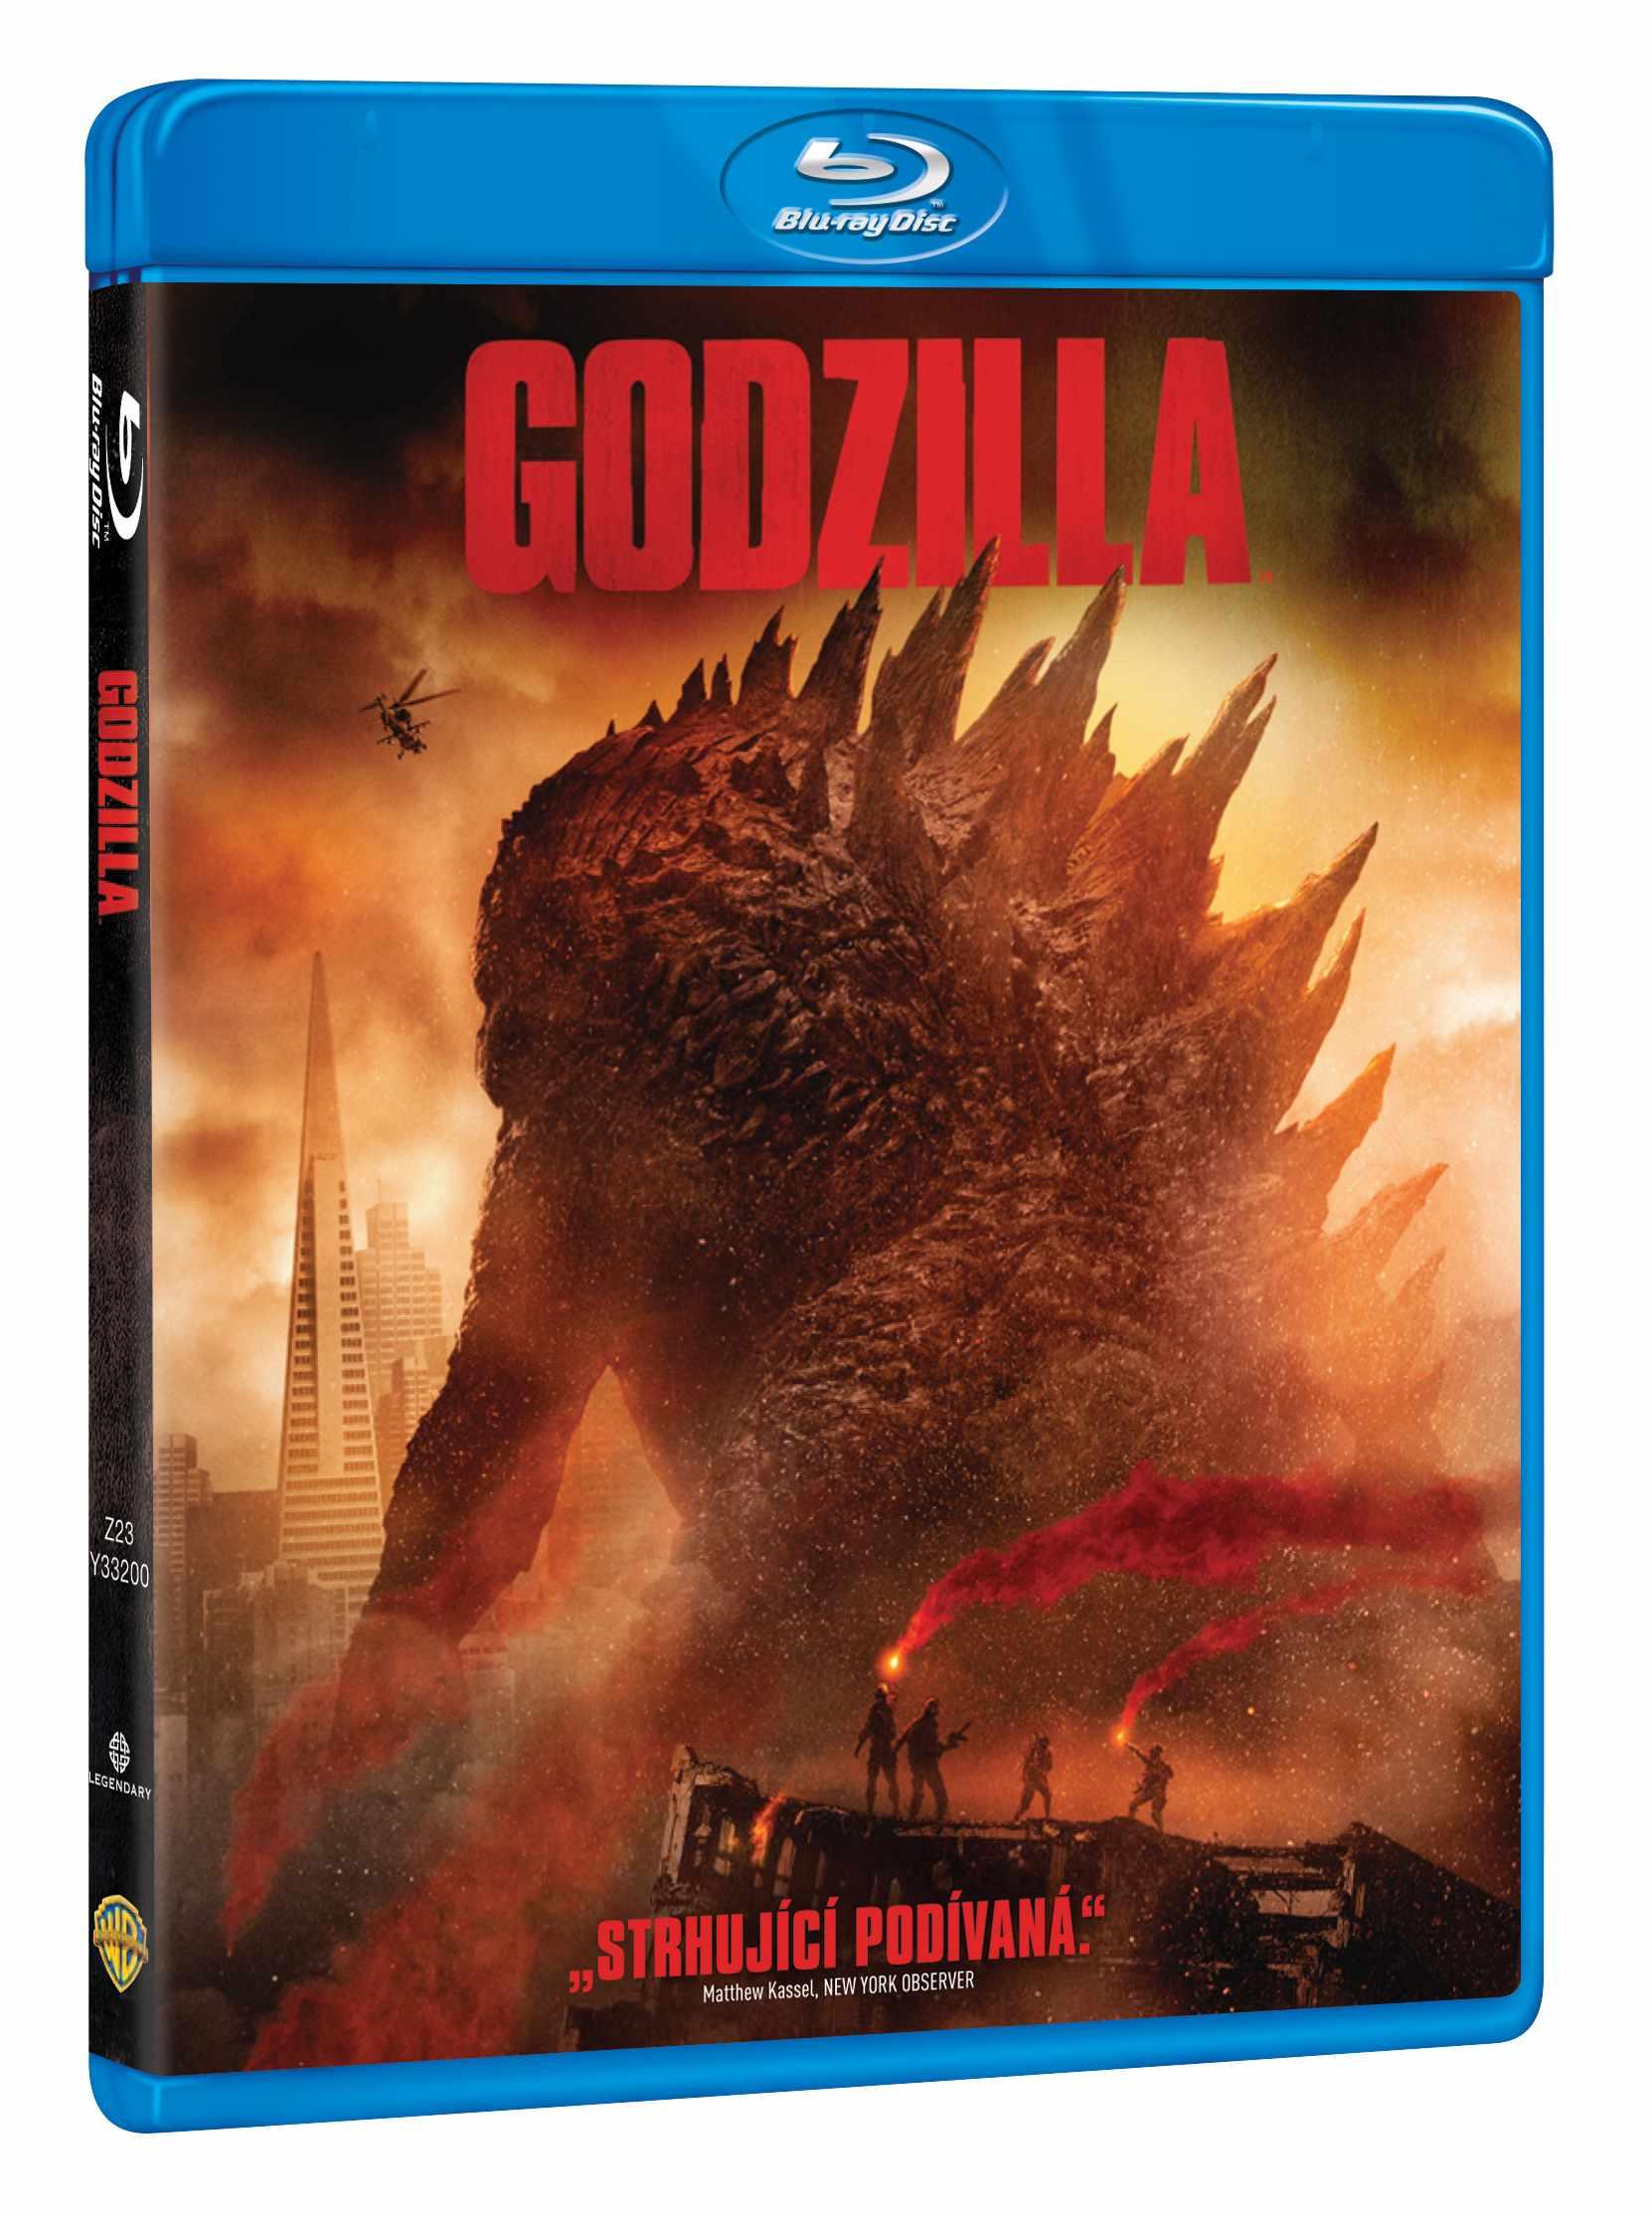 GODZILLA (2014) - Blu-ray